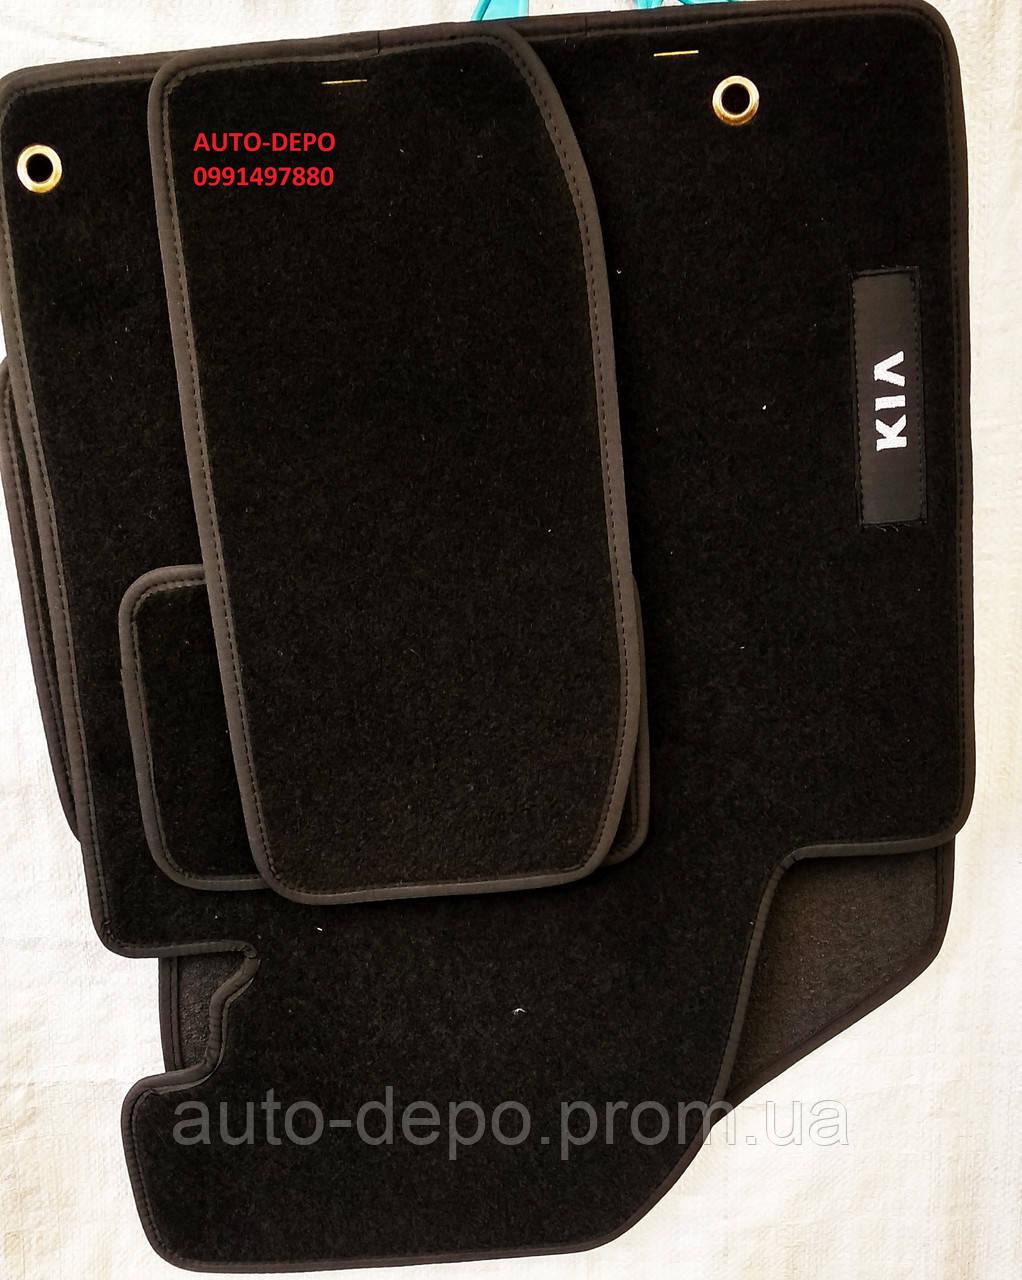 Ворсовые автомобильные коврики Kia Cerato 2013-